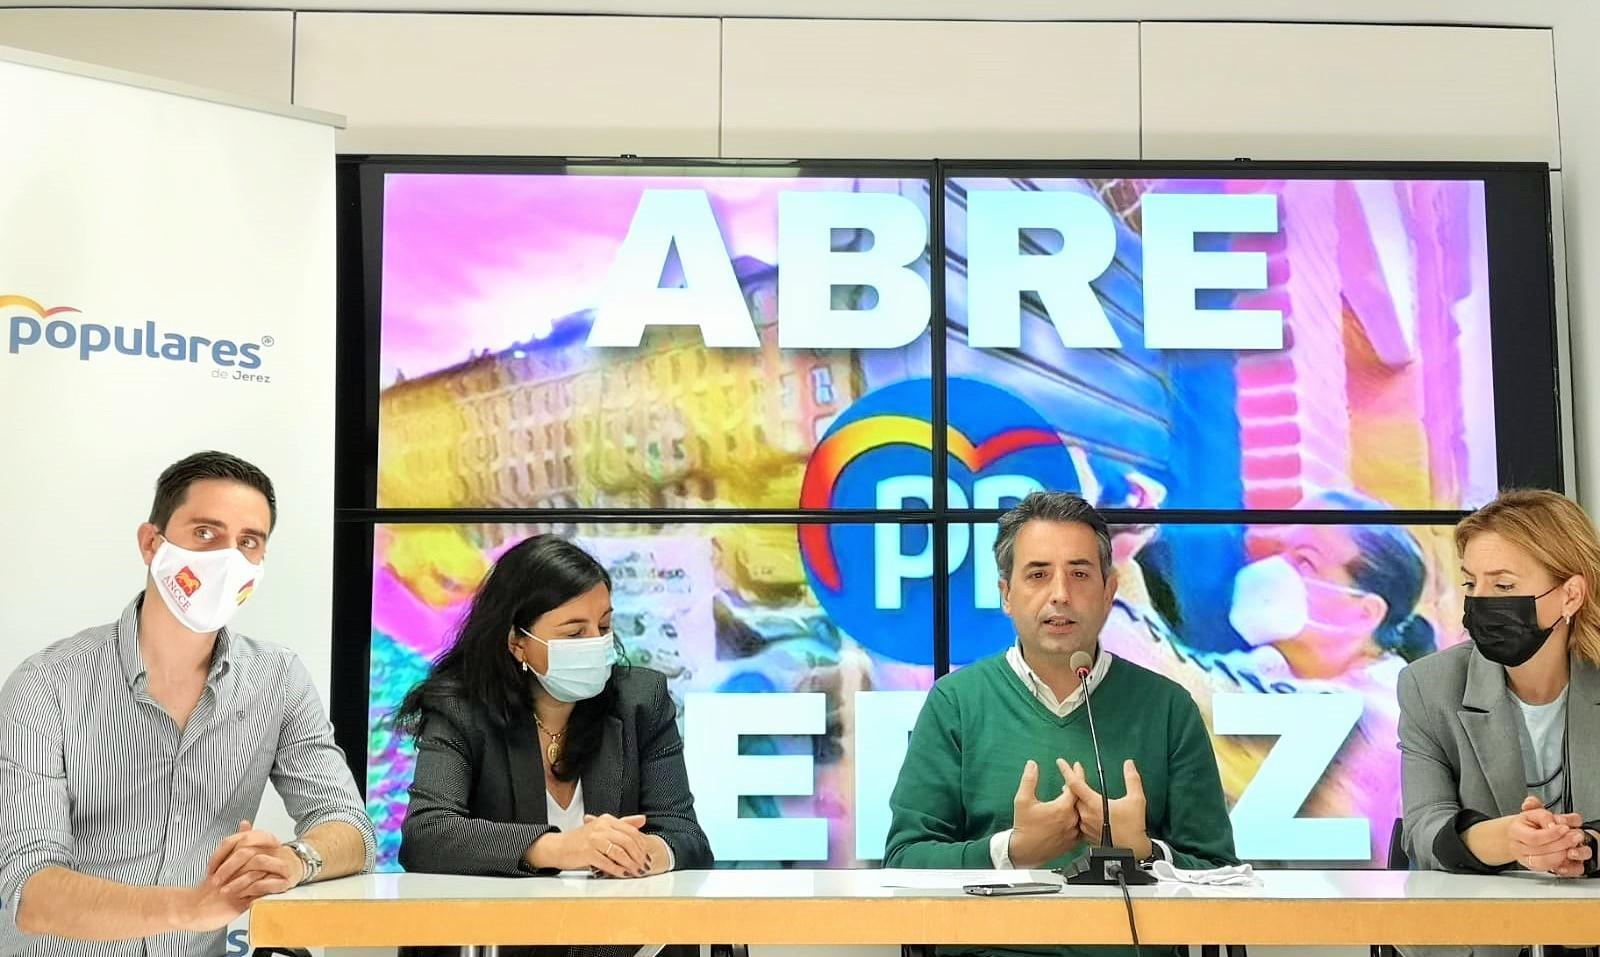 El PP anuncia la campaña 'Abre Jerez' para la reapertura de la ciudad tras el estado de alarma